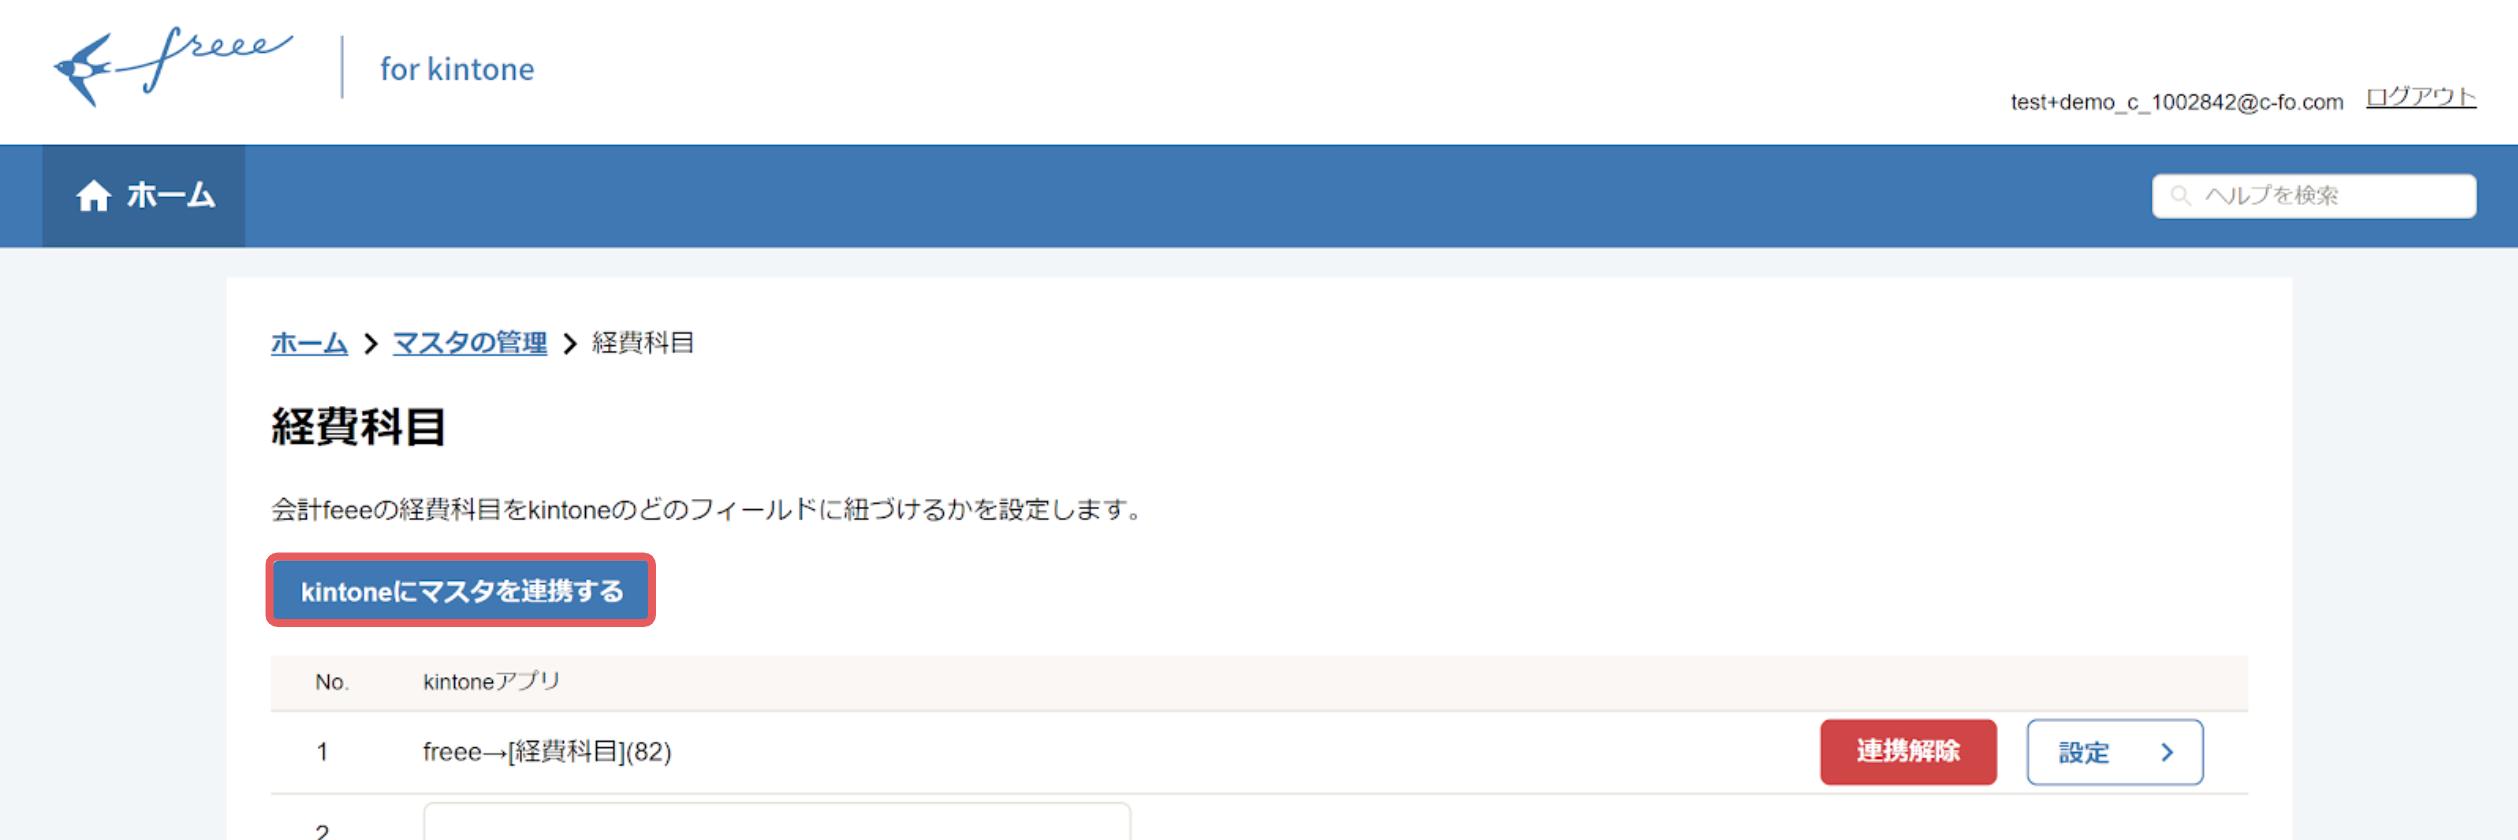 Screen_Shot_2020-07-09_at_16.48.29.png